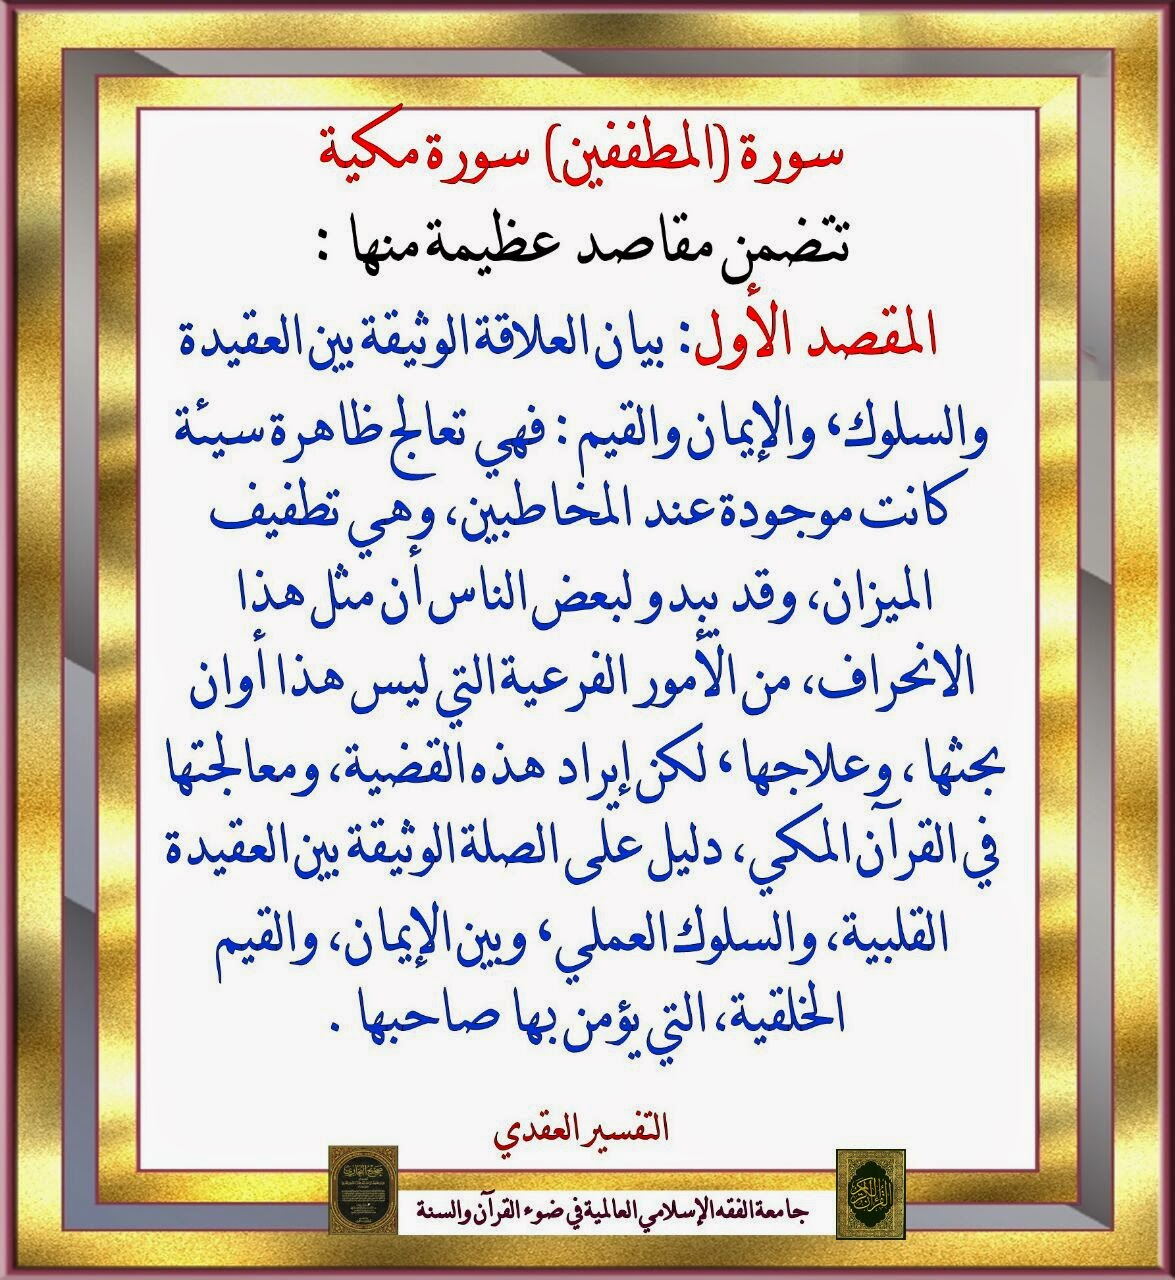 فقه أركان الإيمان في القرآن الكريم 2015